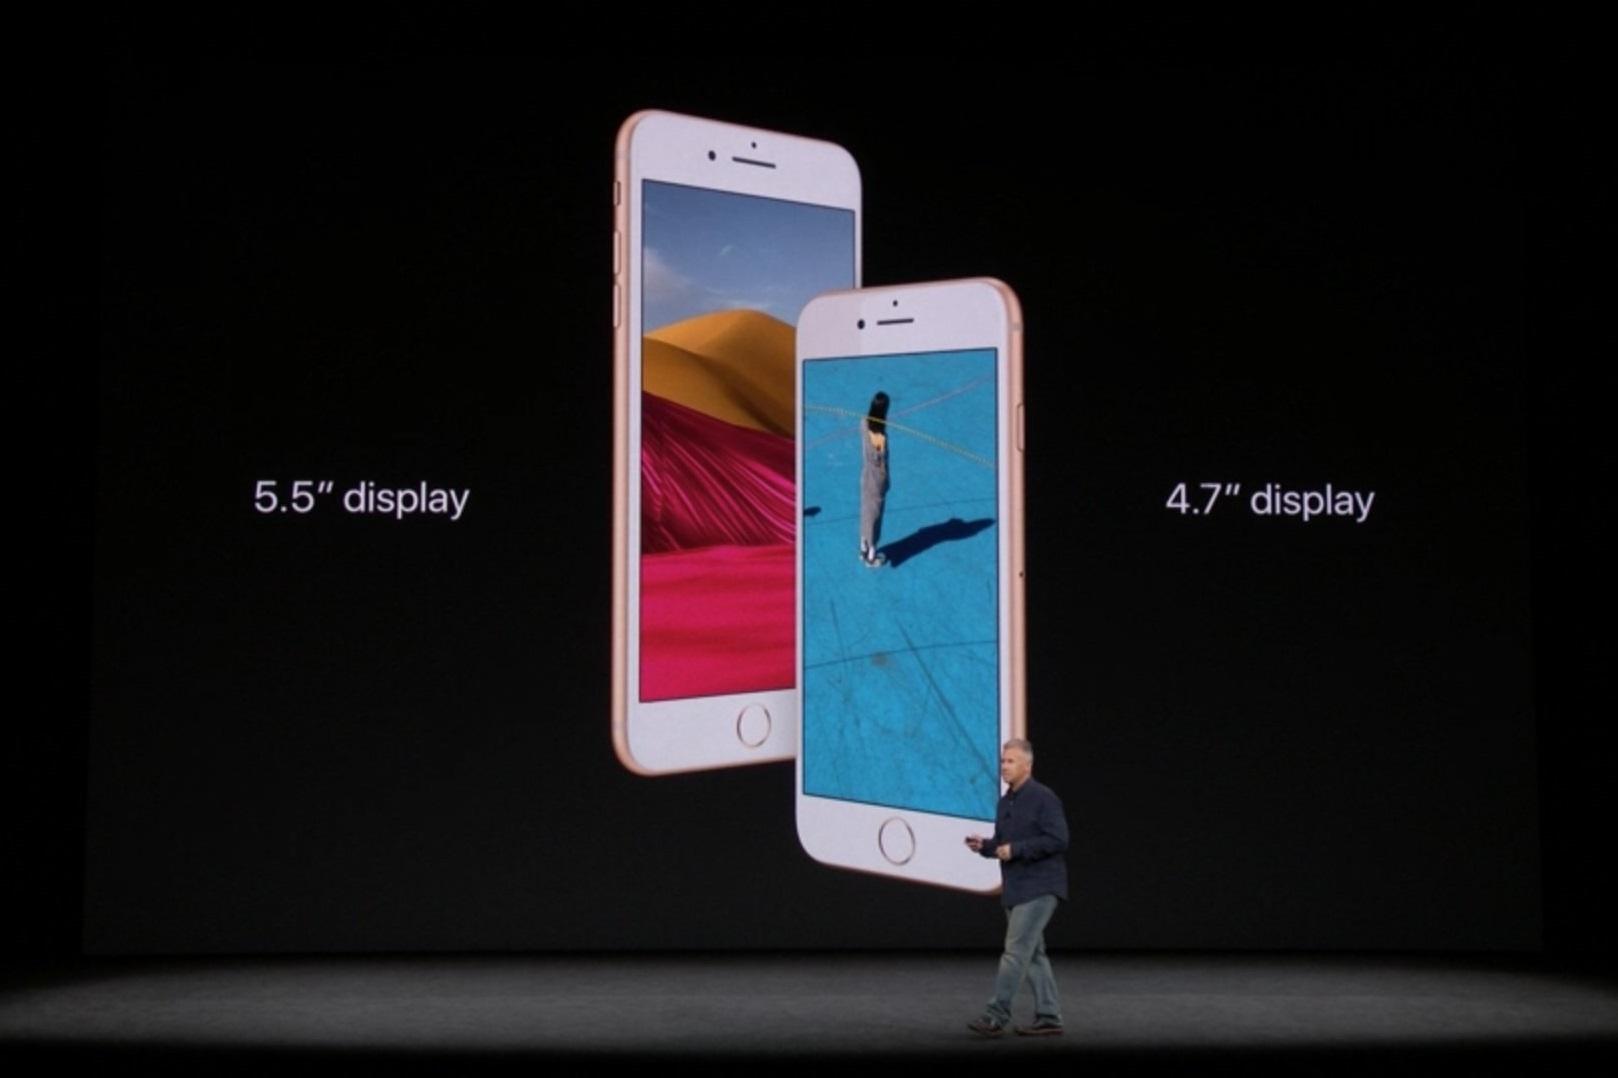 אייפון X: הצגת מכשירי הדגל החדשים של אפל • שידור חי